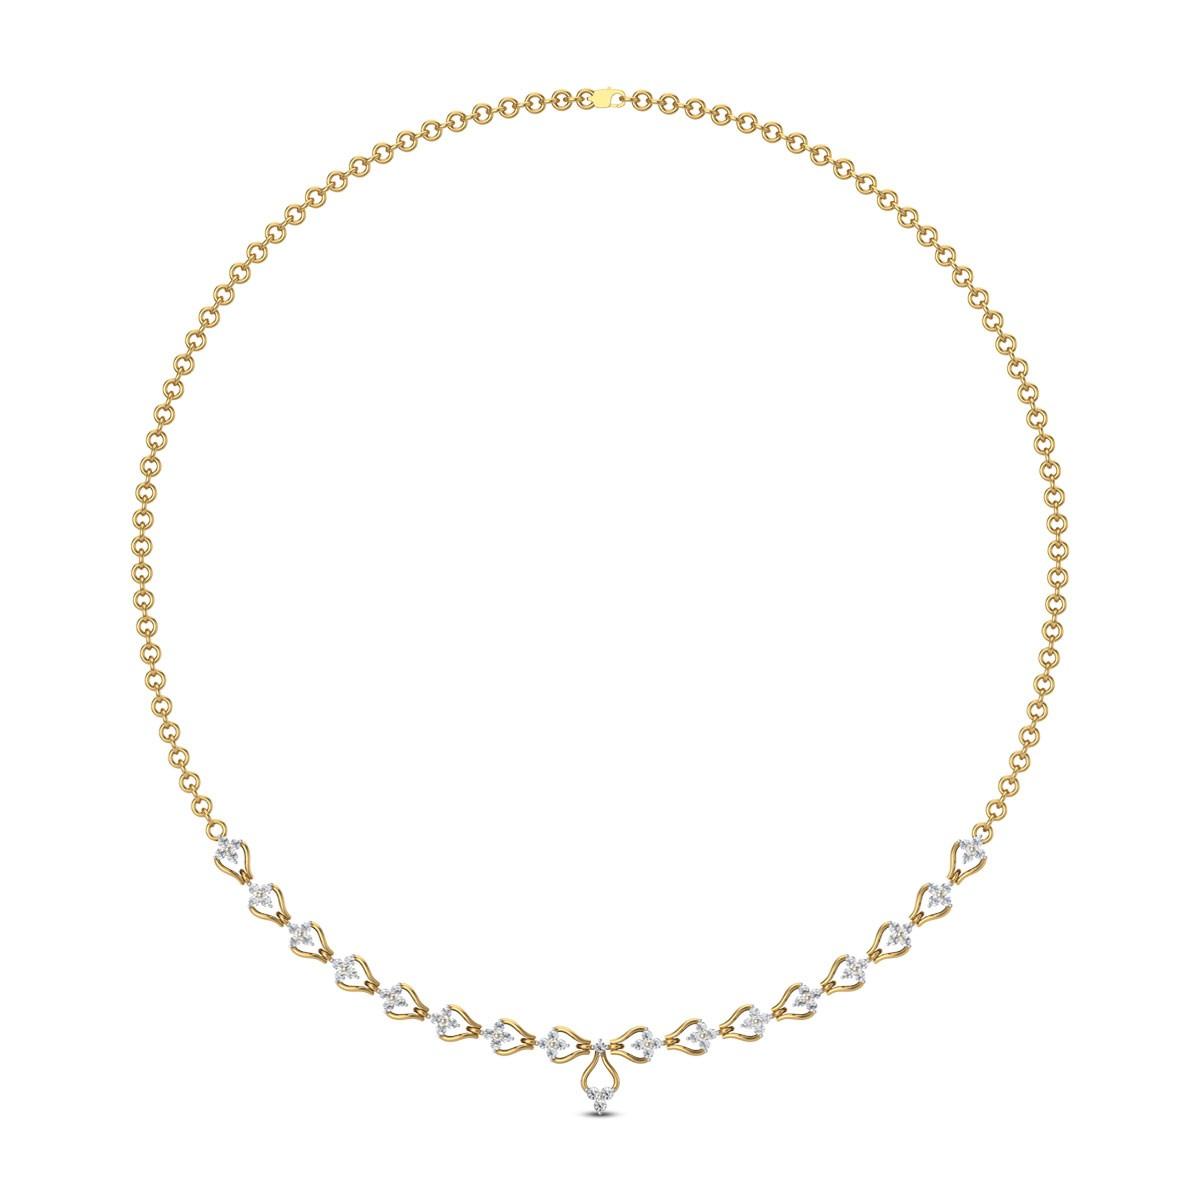 Shilish Diamond Necklace